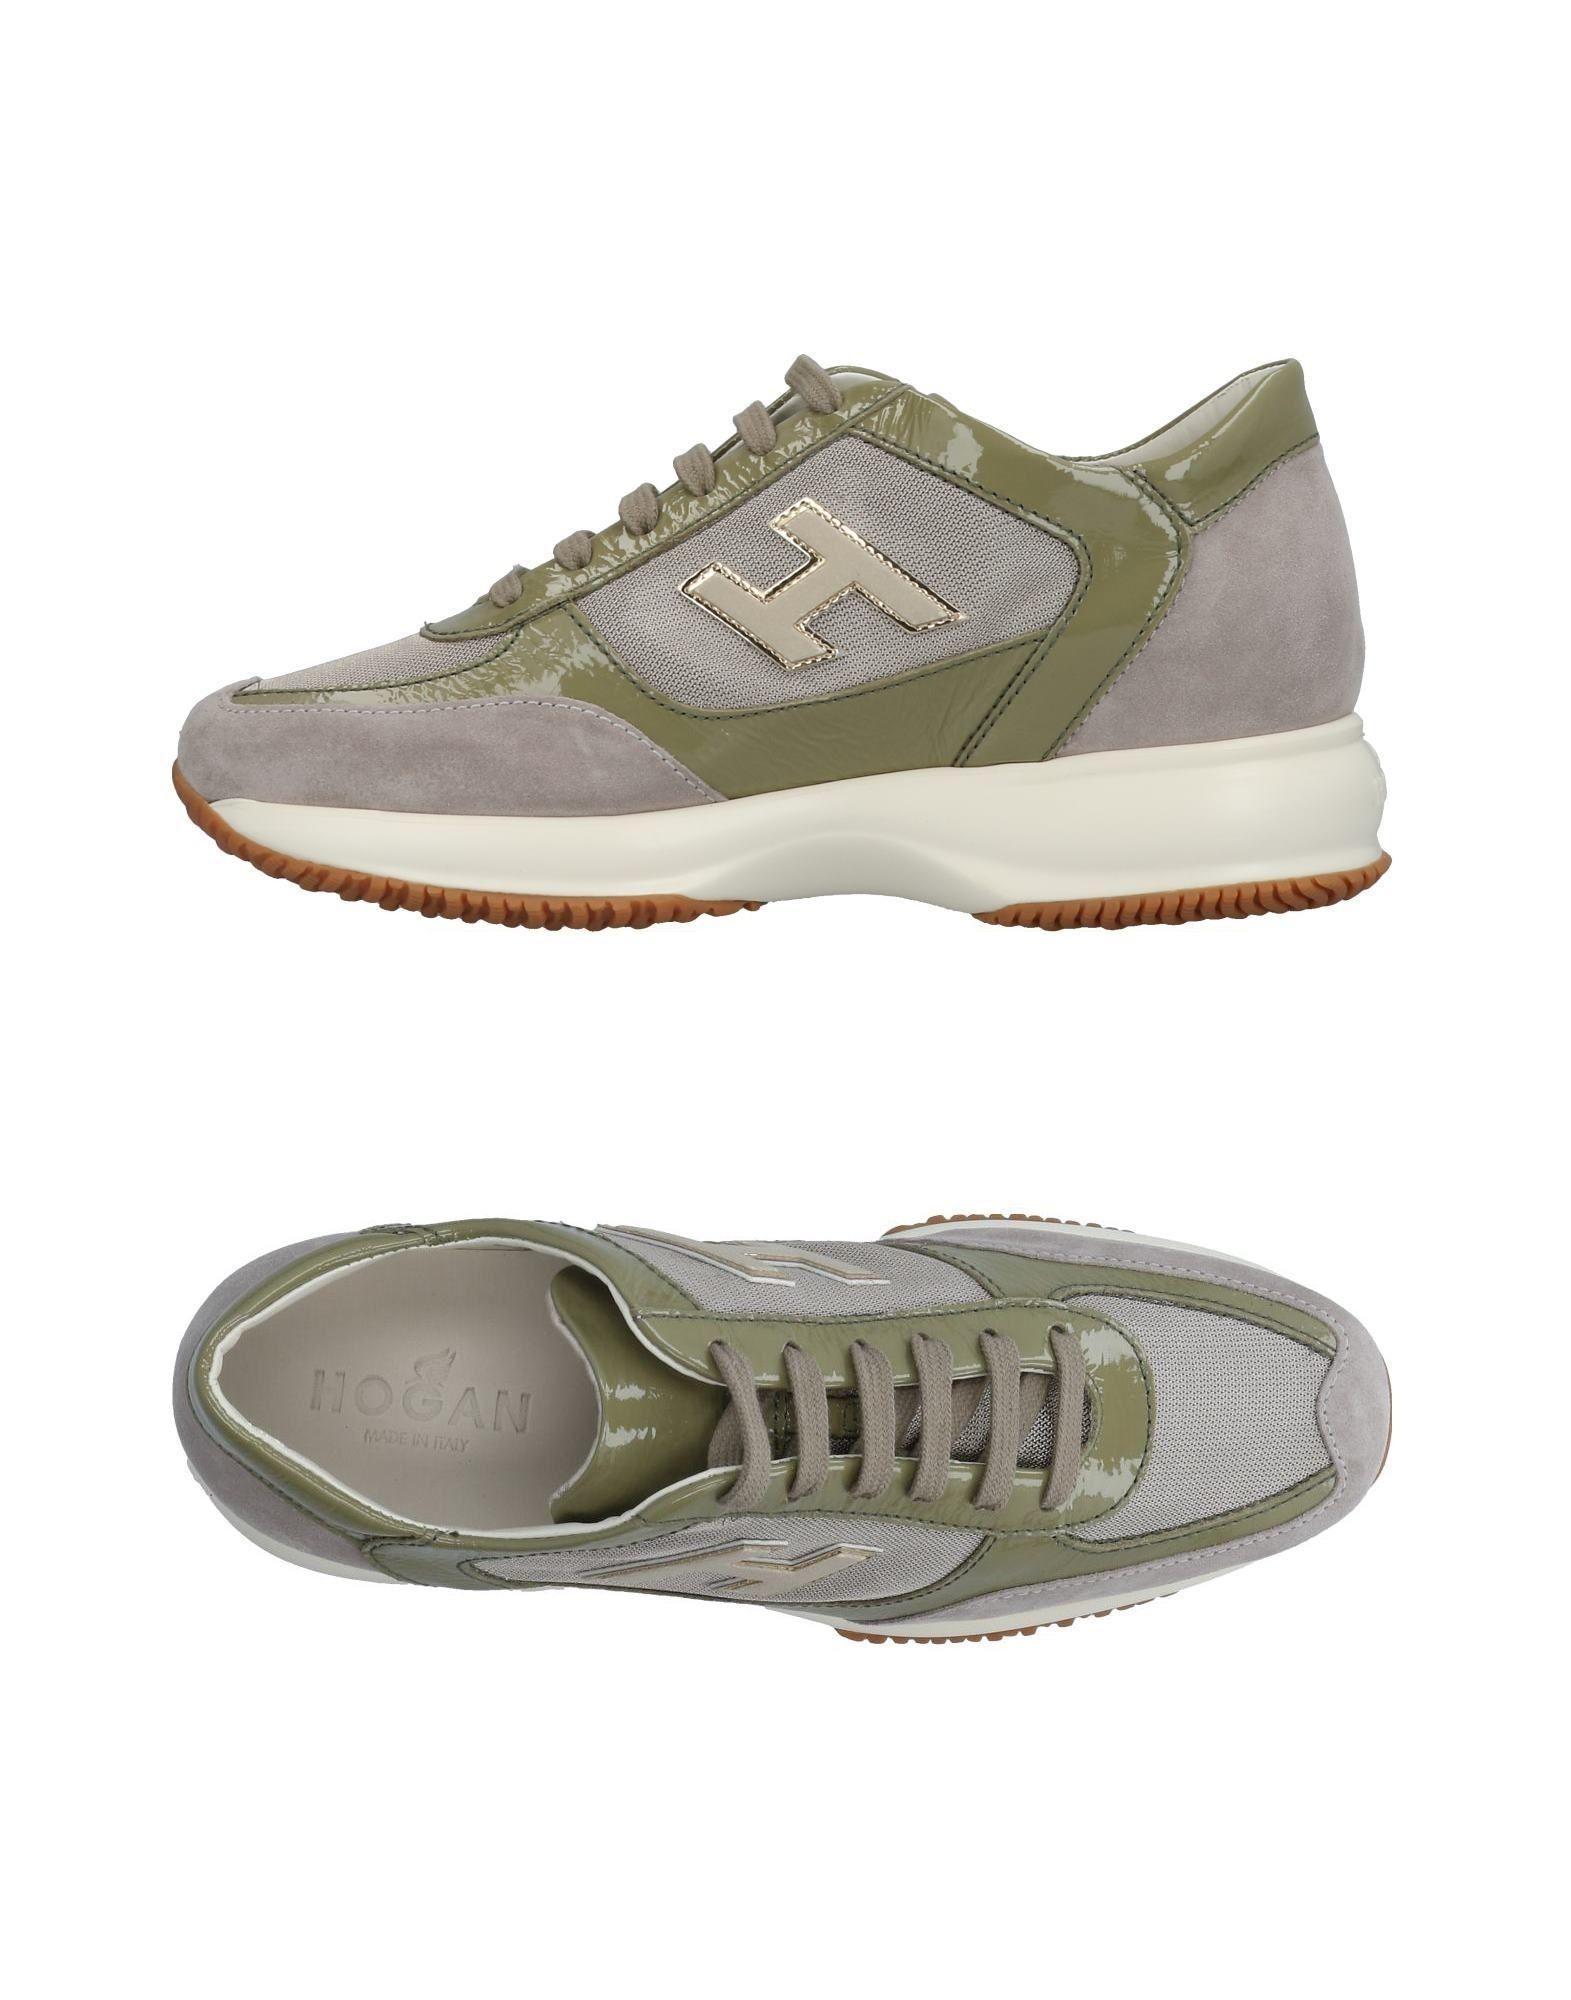 Zapatos Mujer casuales salvajes Zapatillas Hogan Mujer Zapatos - Zapatillas Hogan  Verde claro d10b5b